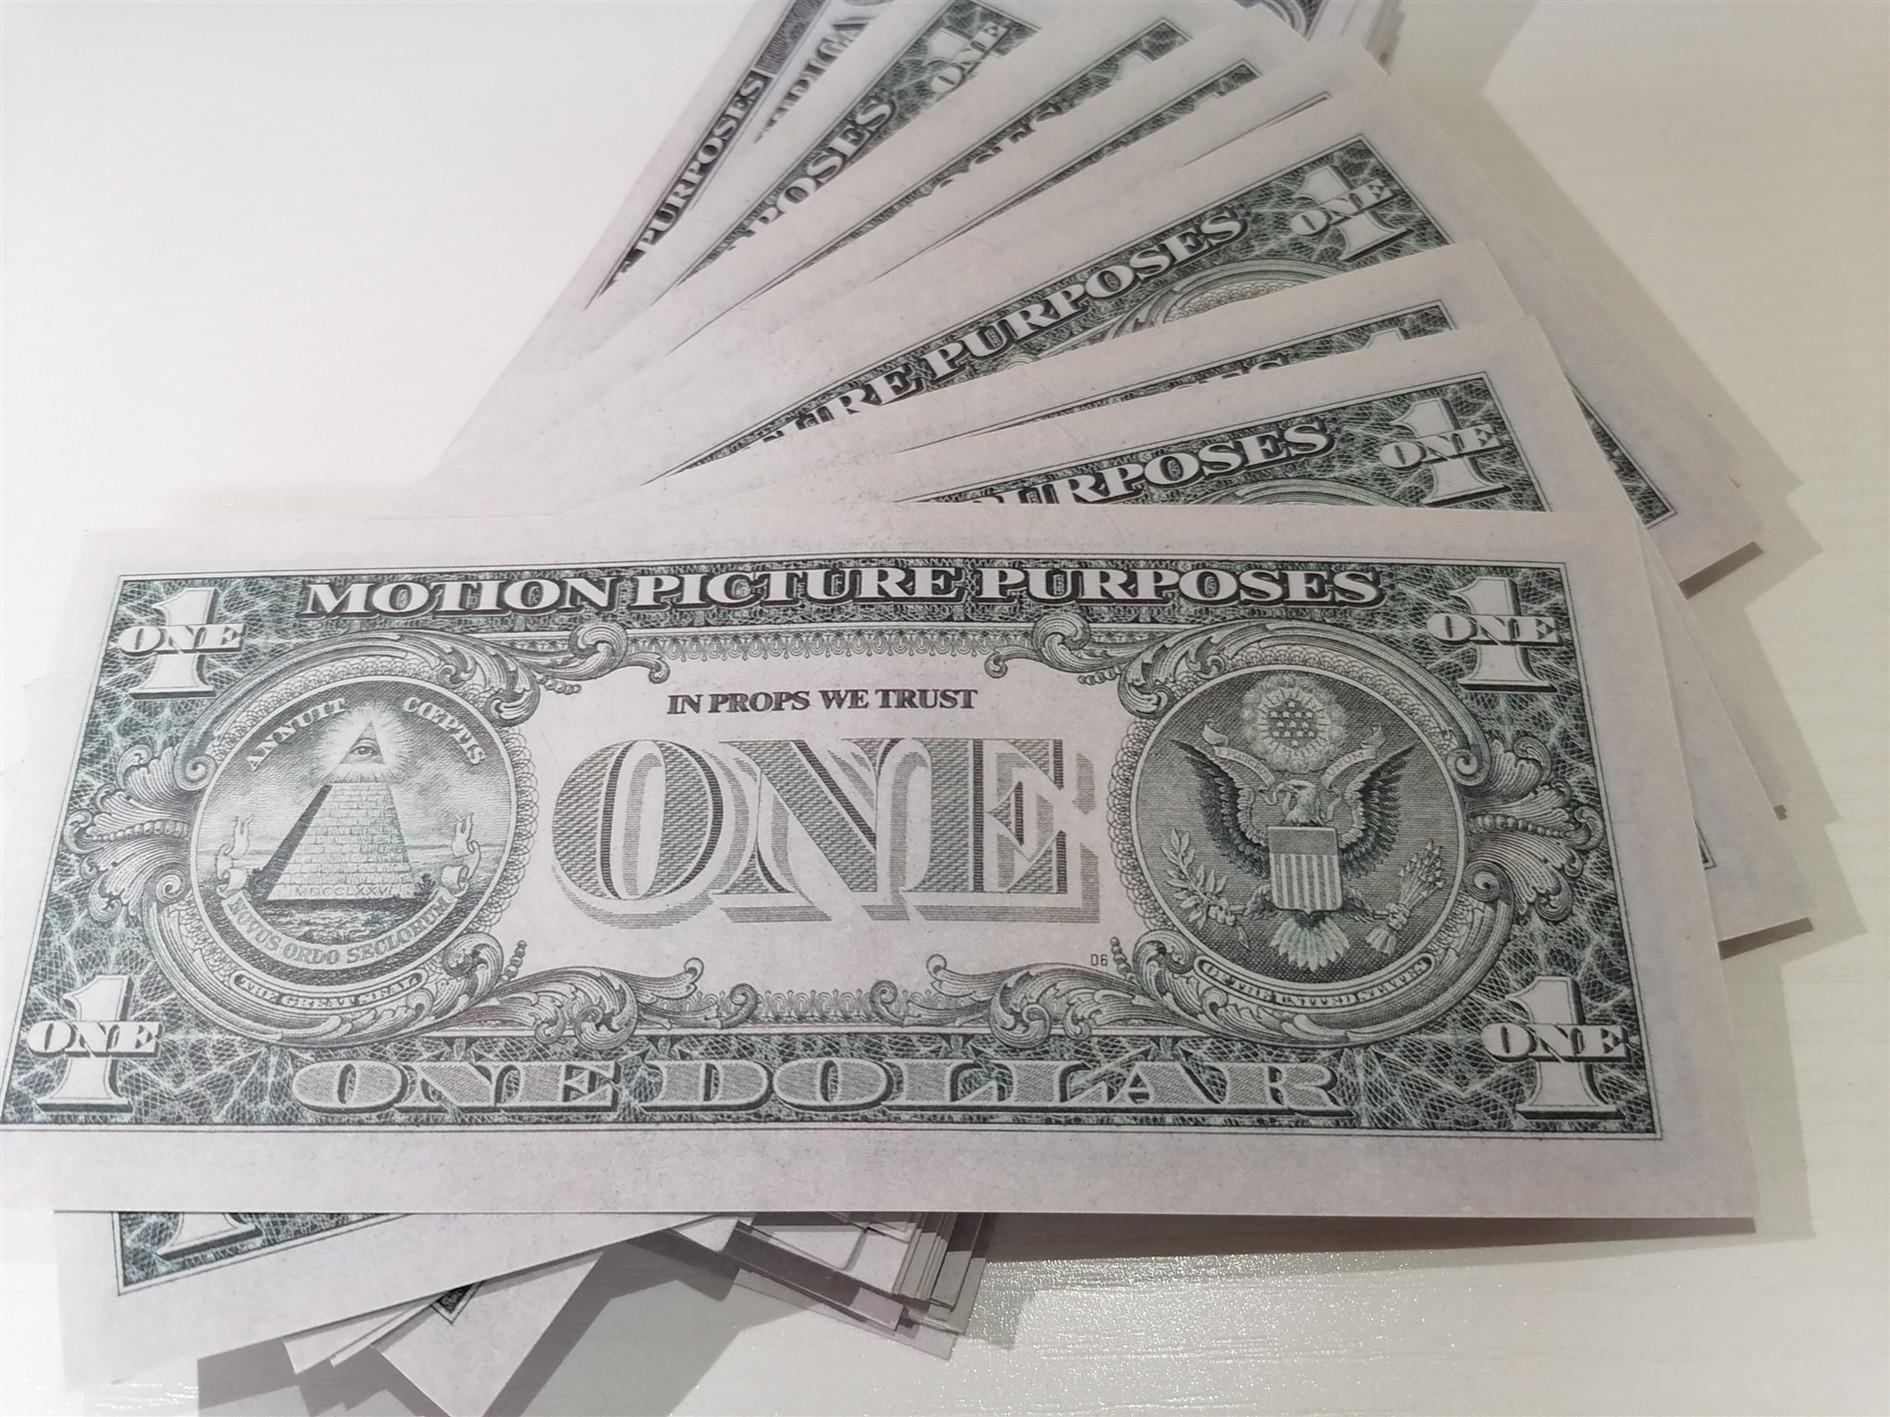 2020 Vendite dirette della fabbrica transfrontaliera di banconote da New $ 1 Puntelli